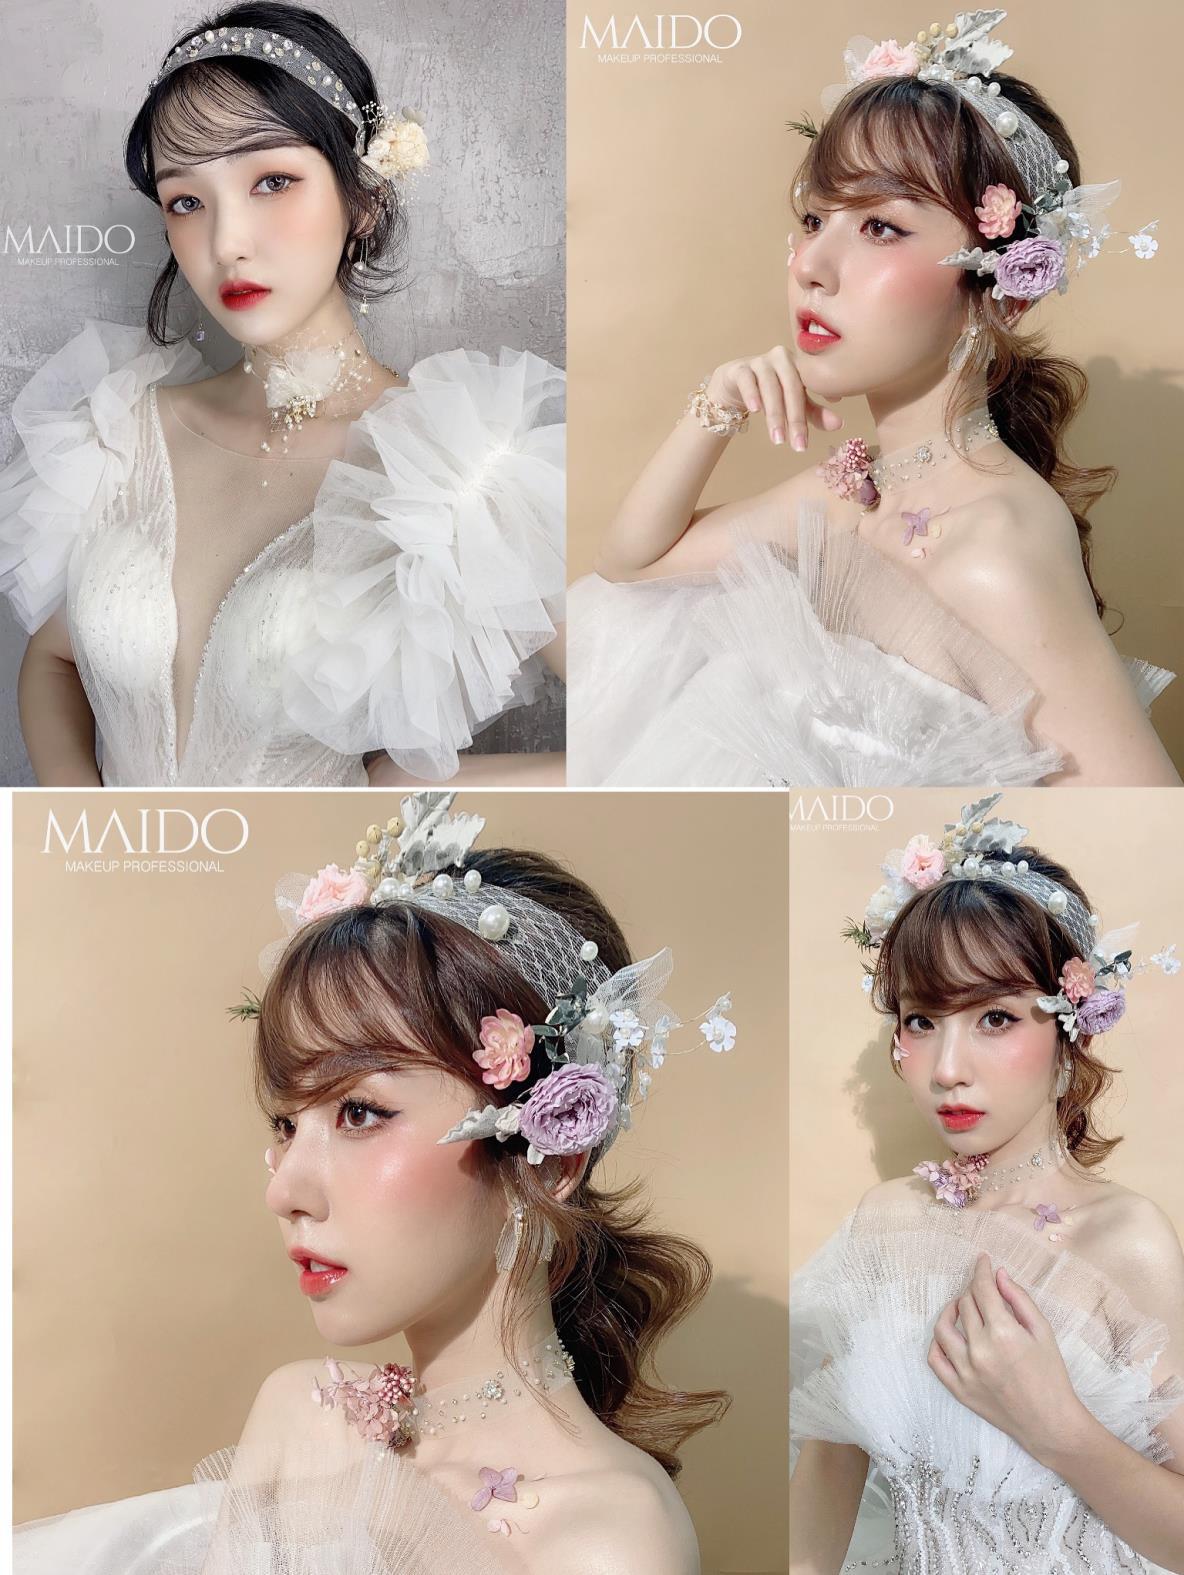 Mai Đỗ Makeup - Địa chỉ vàng mang lại diện mạo xinh đẹp lộng lẫy cho các cô dâu - Ảnh 3.